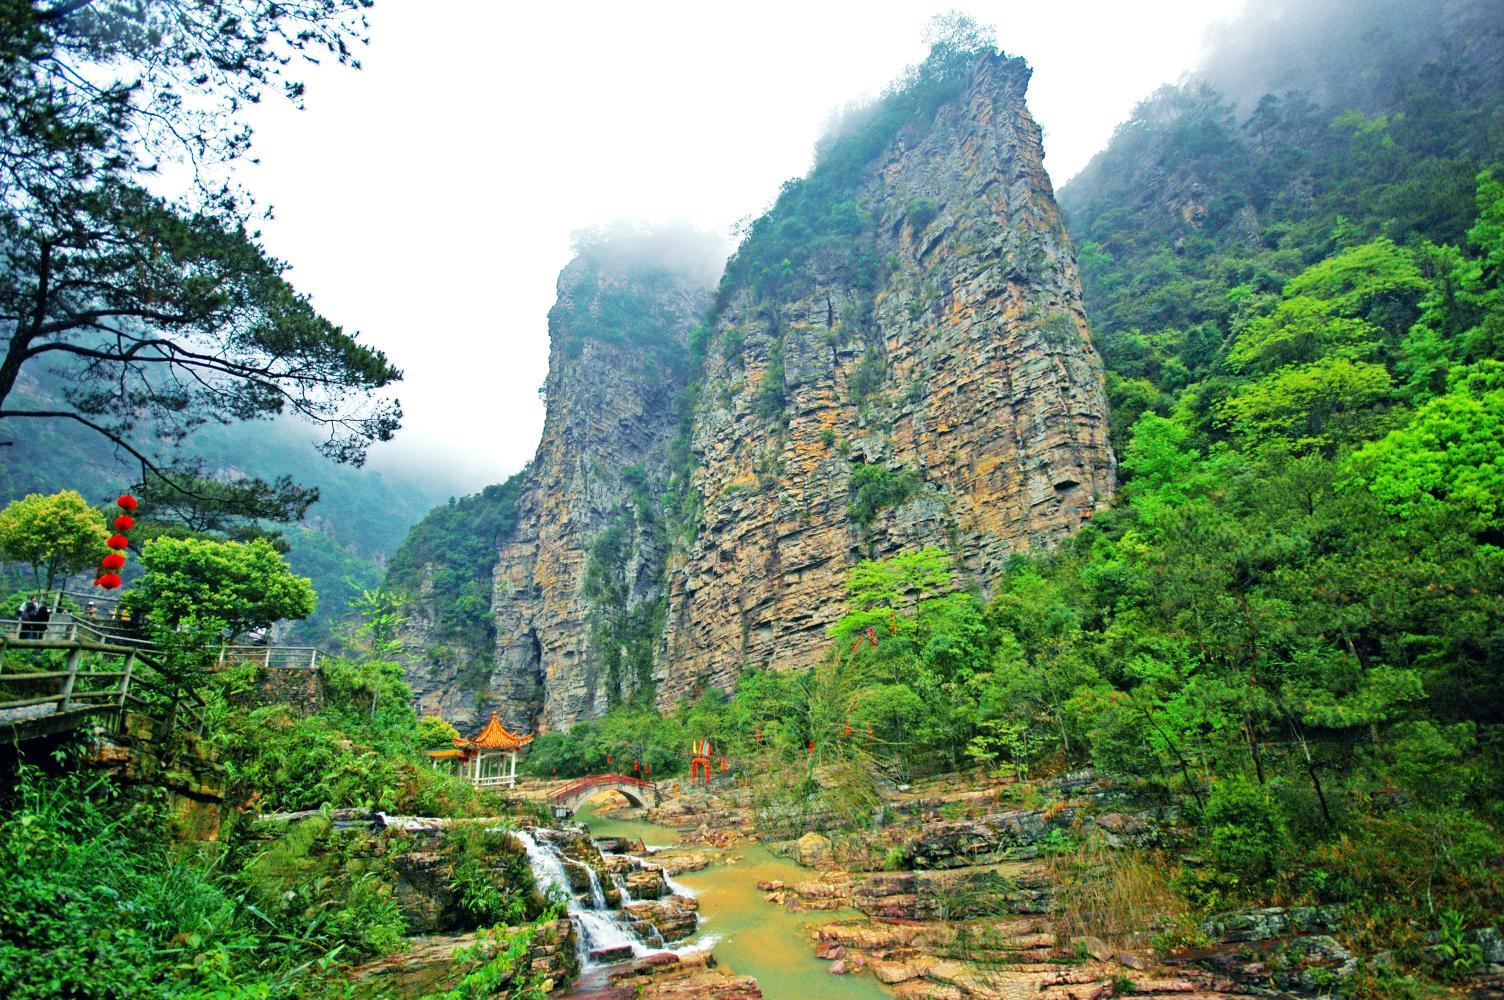 莲都十里画廊风景区位于封开县莲都镇内,是龙山风景名胜区辖下最大的